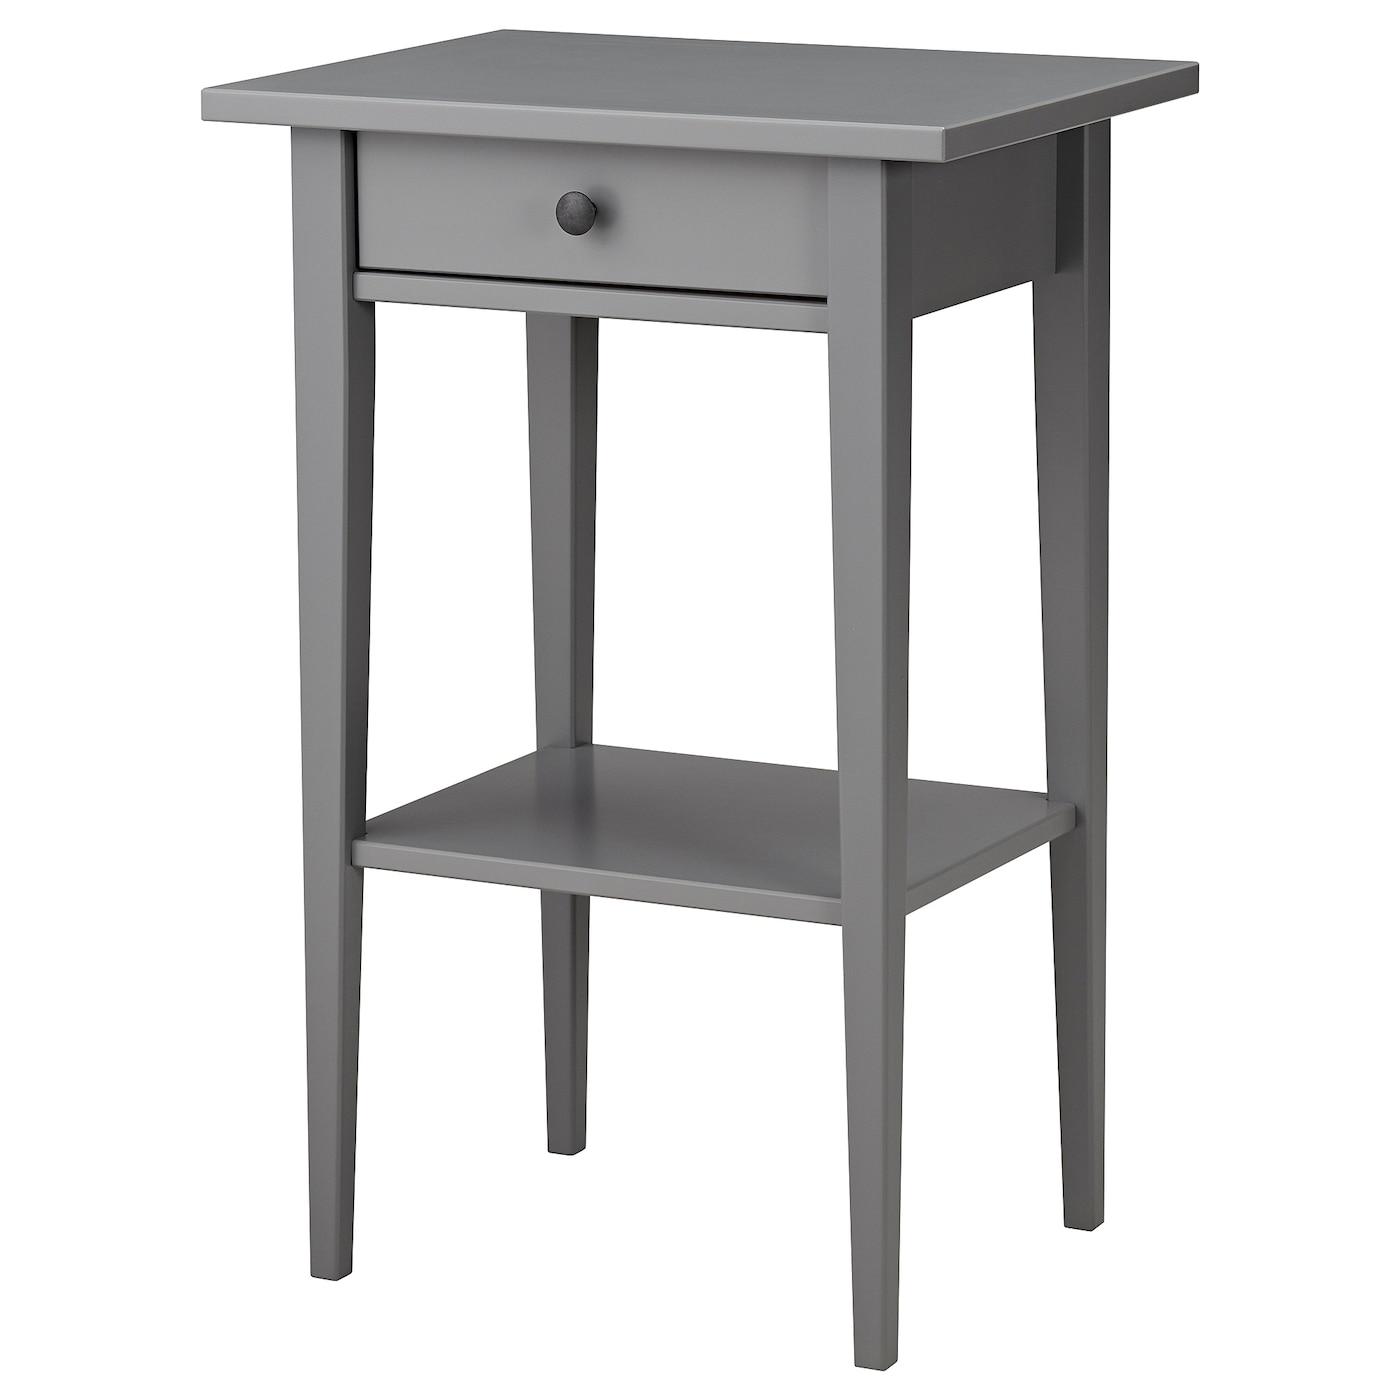 Nachtkastje Boxspring Antraciet.Nachtkastje Nachttafel Bedtafel Design Goedkoop Ikea